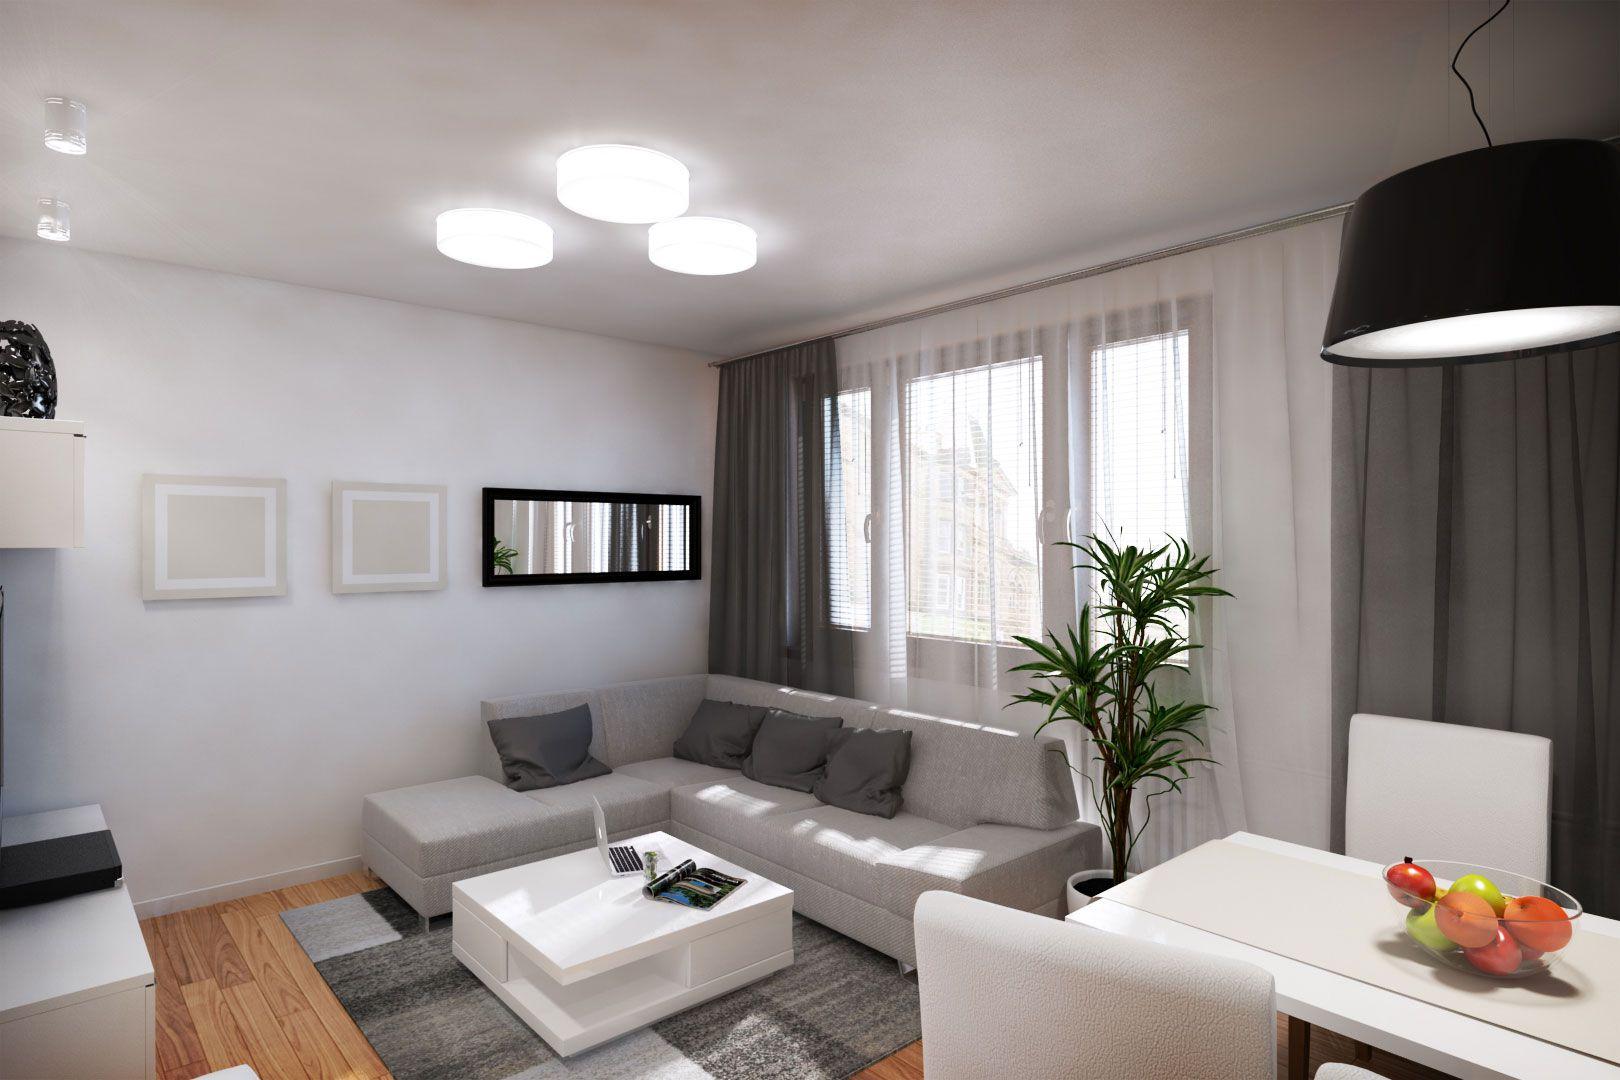 Interior r by 110 studio caandesign architecture and - Comedores estilo vintage ...